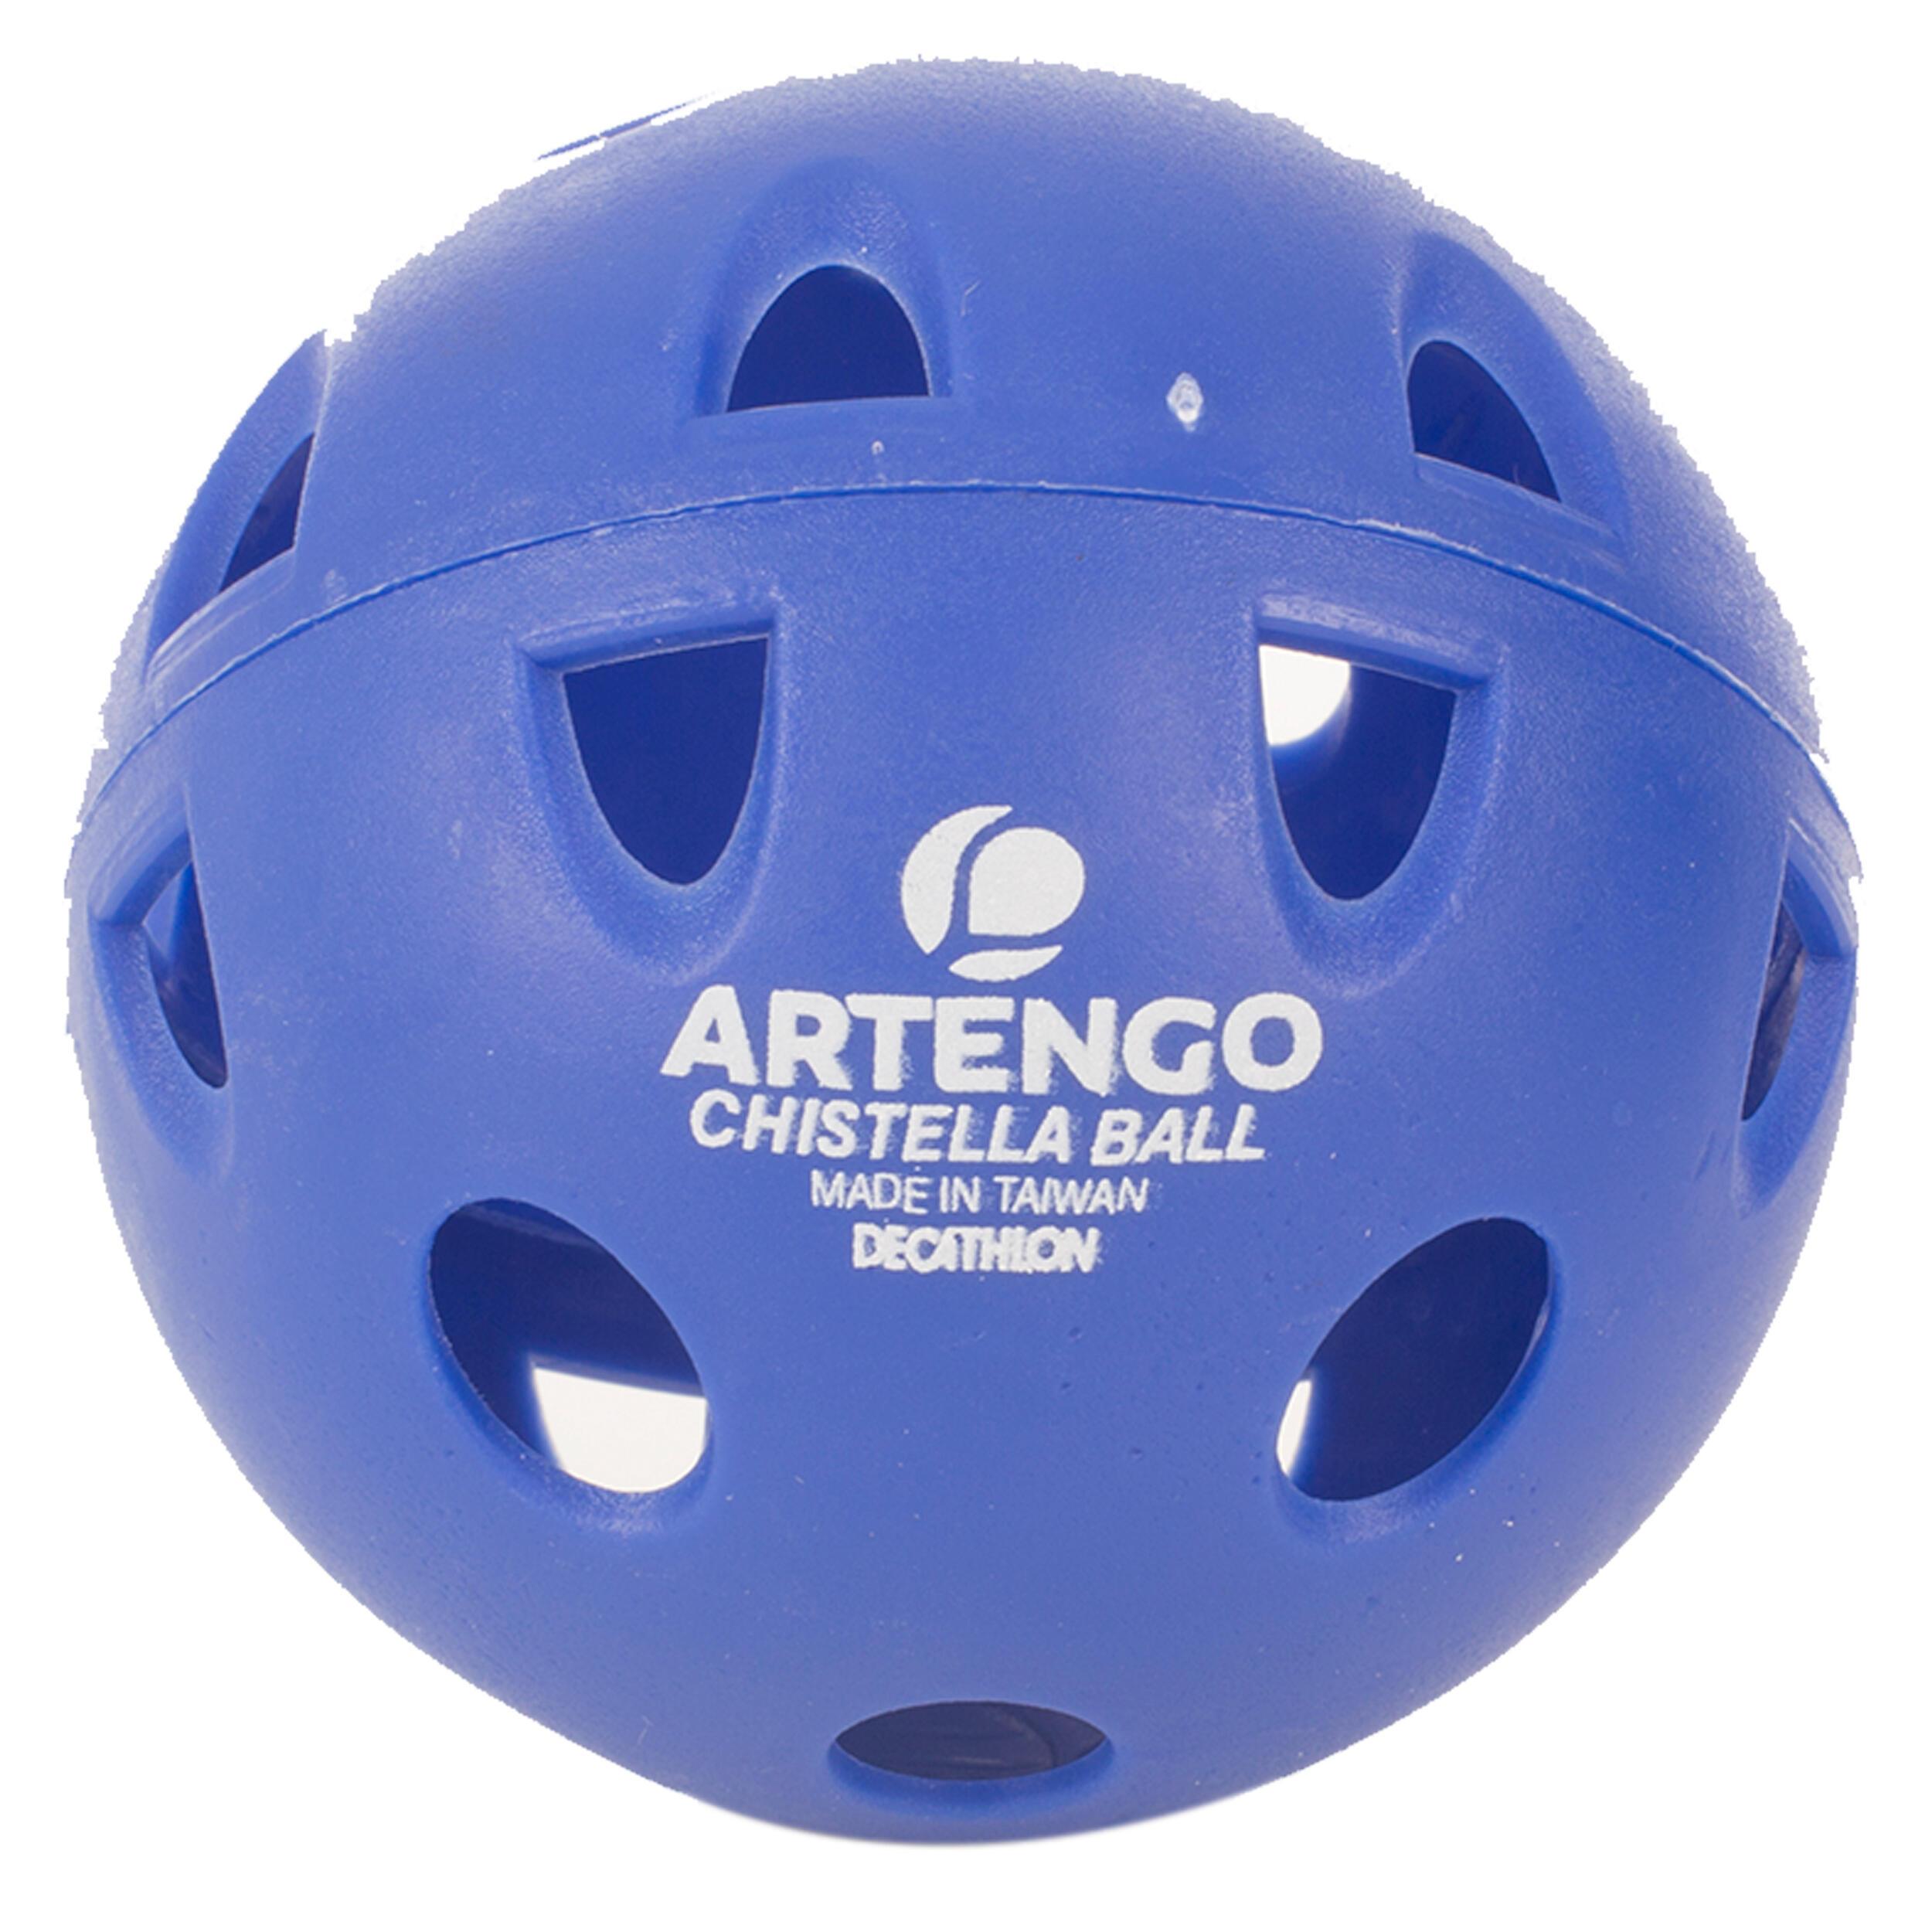 Chistella Ball Albastru imagine produs